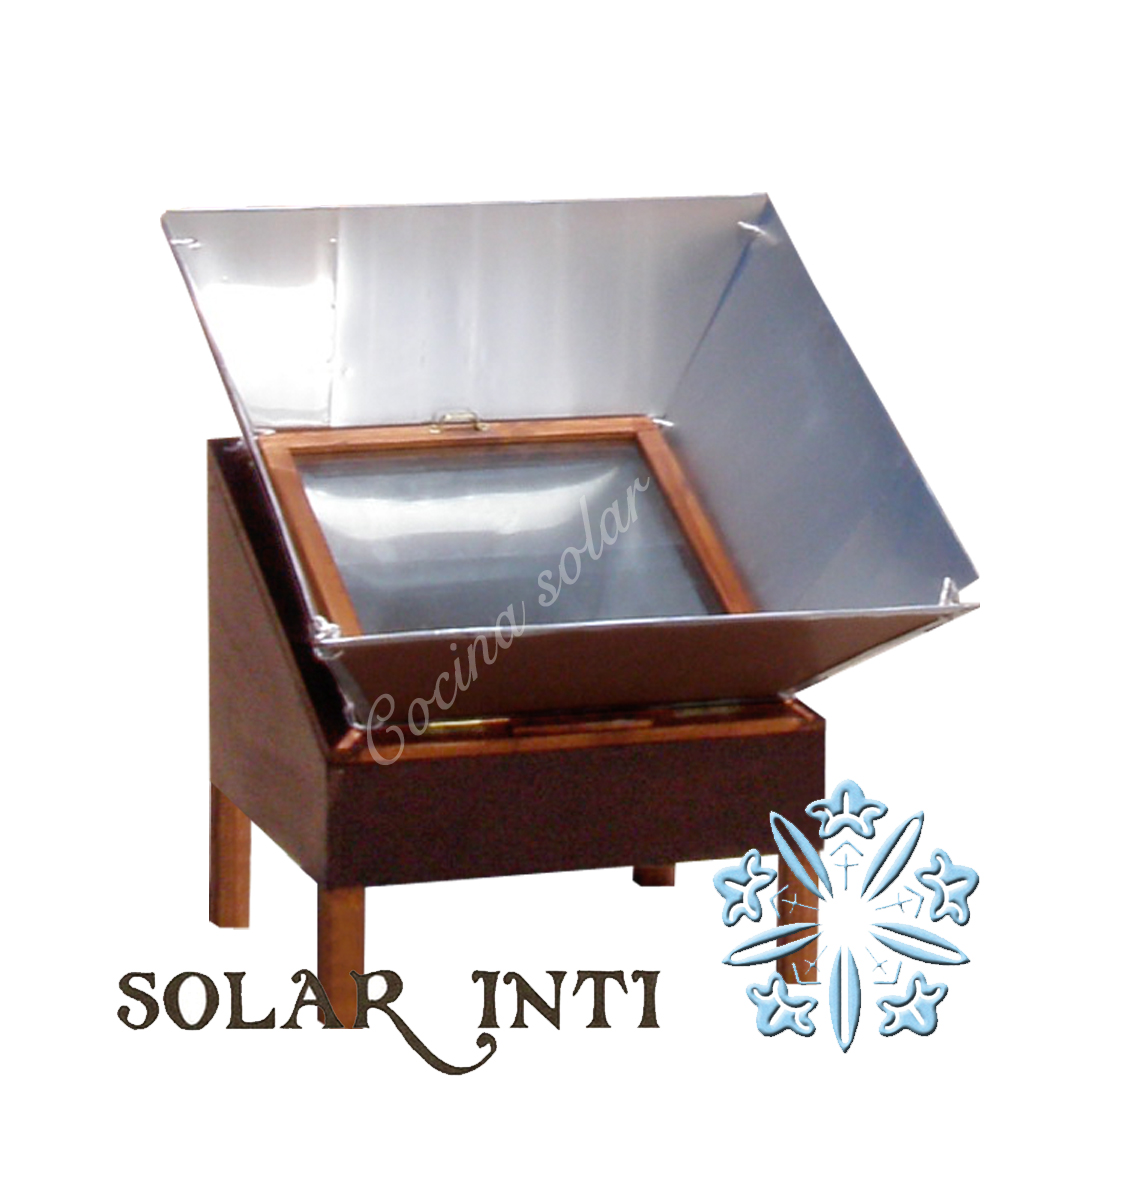 Solar inti 2012 boutique cocina solar for Planos para cocina solar parabolica